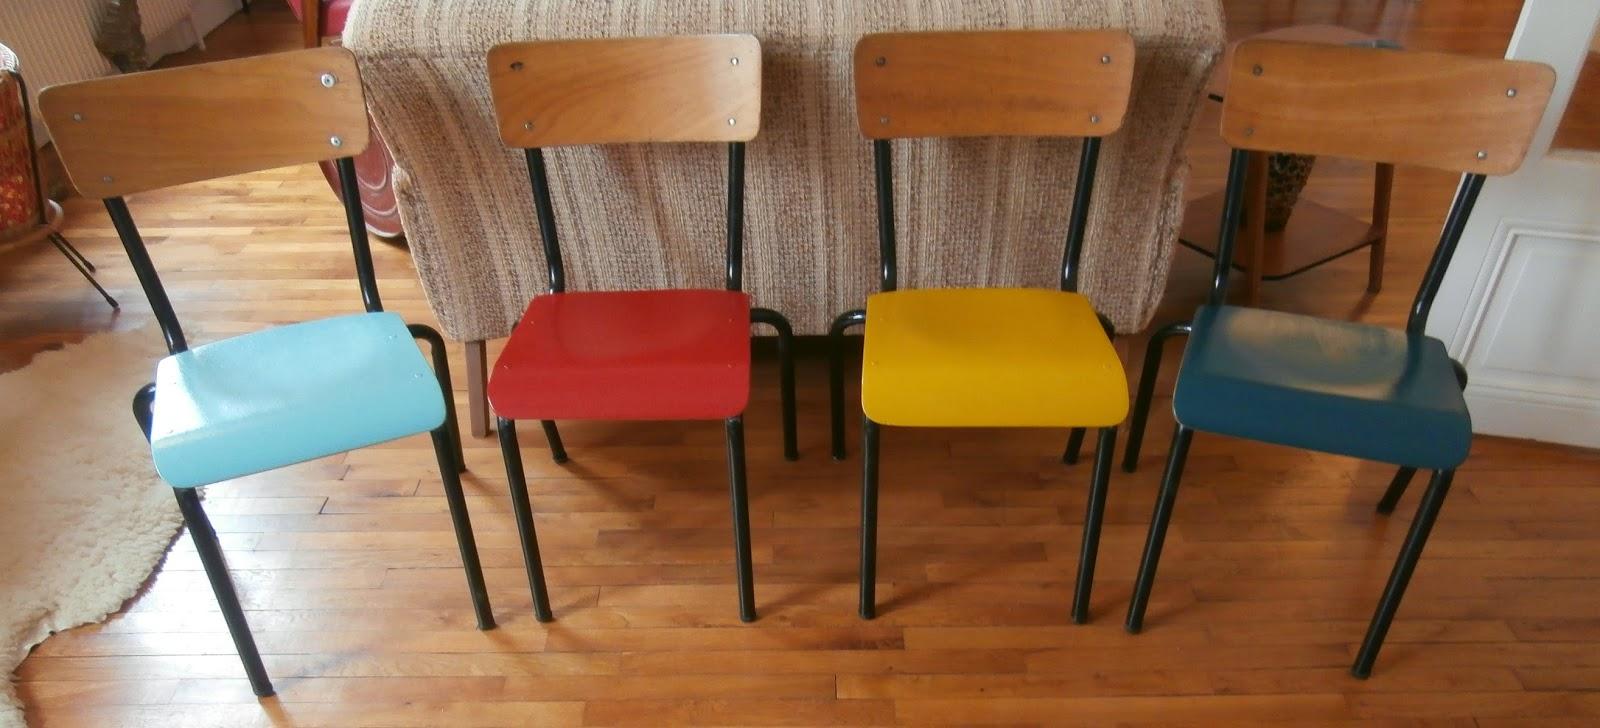 Dur e de vie ind termin e chaises color es pour enfants for Chaises colorees